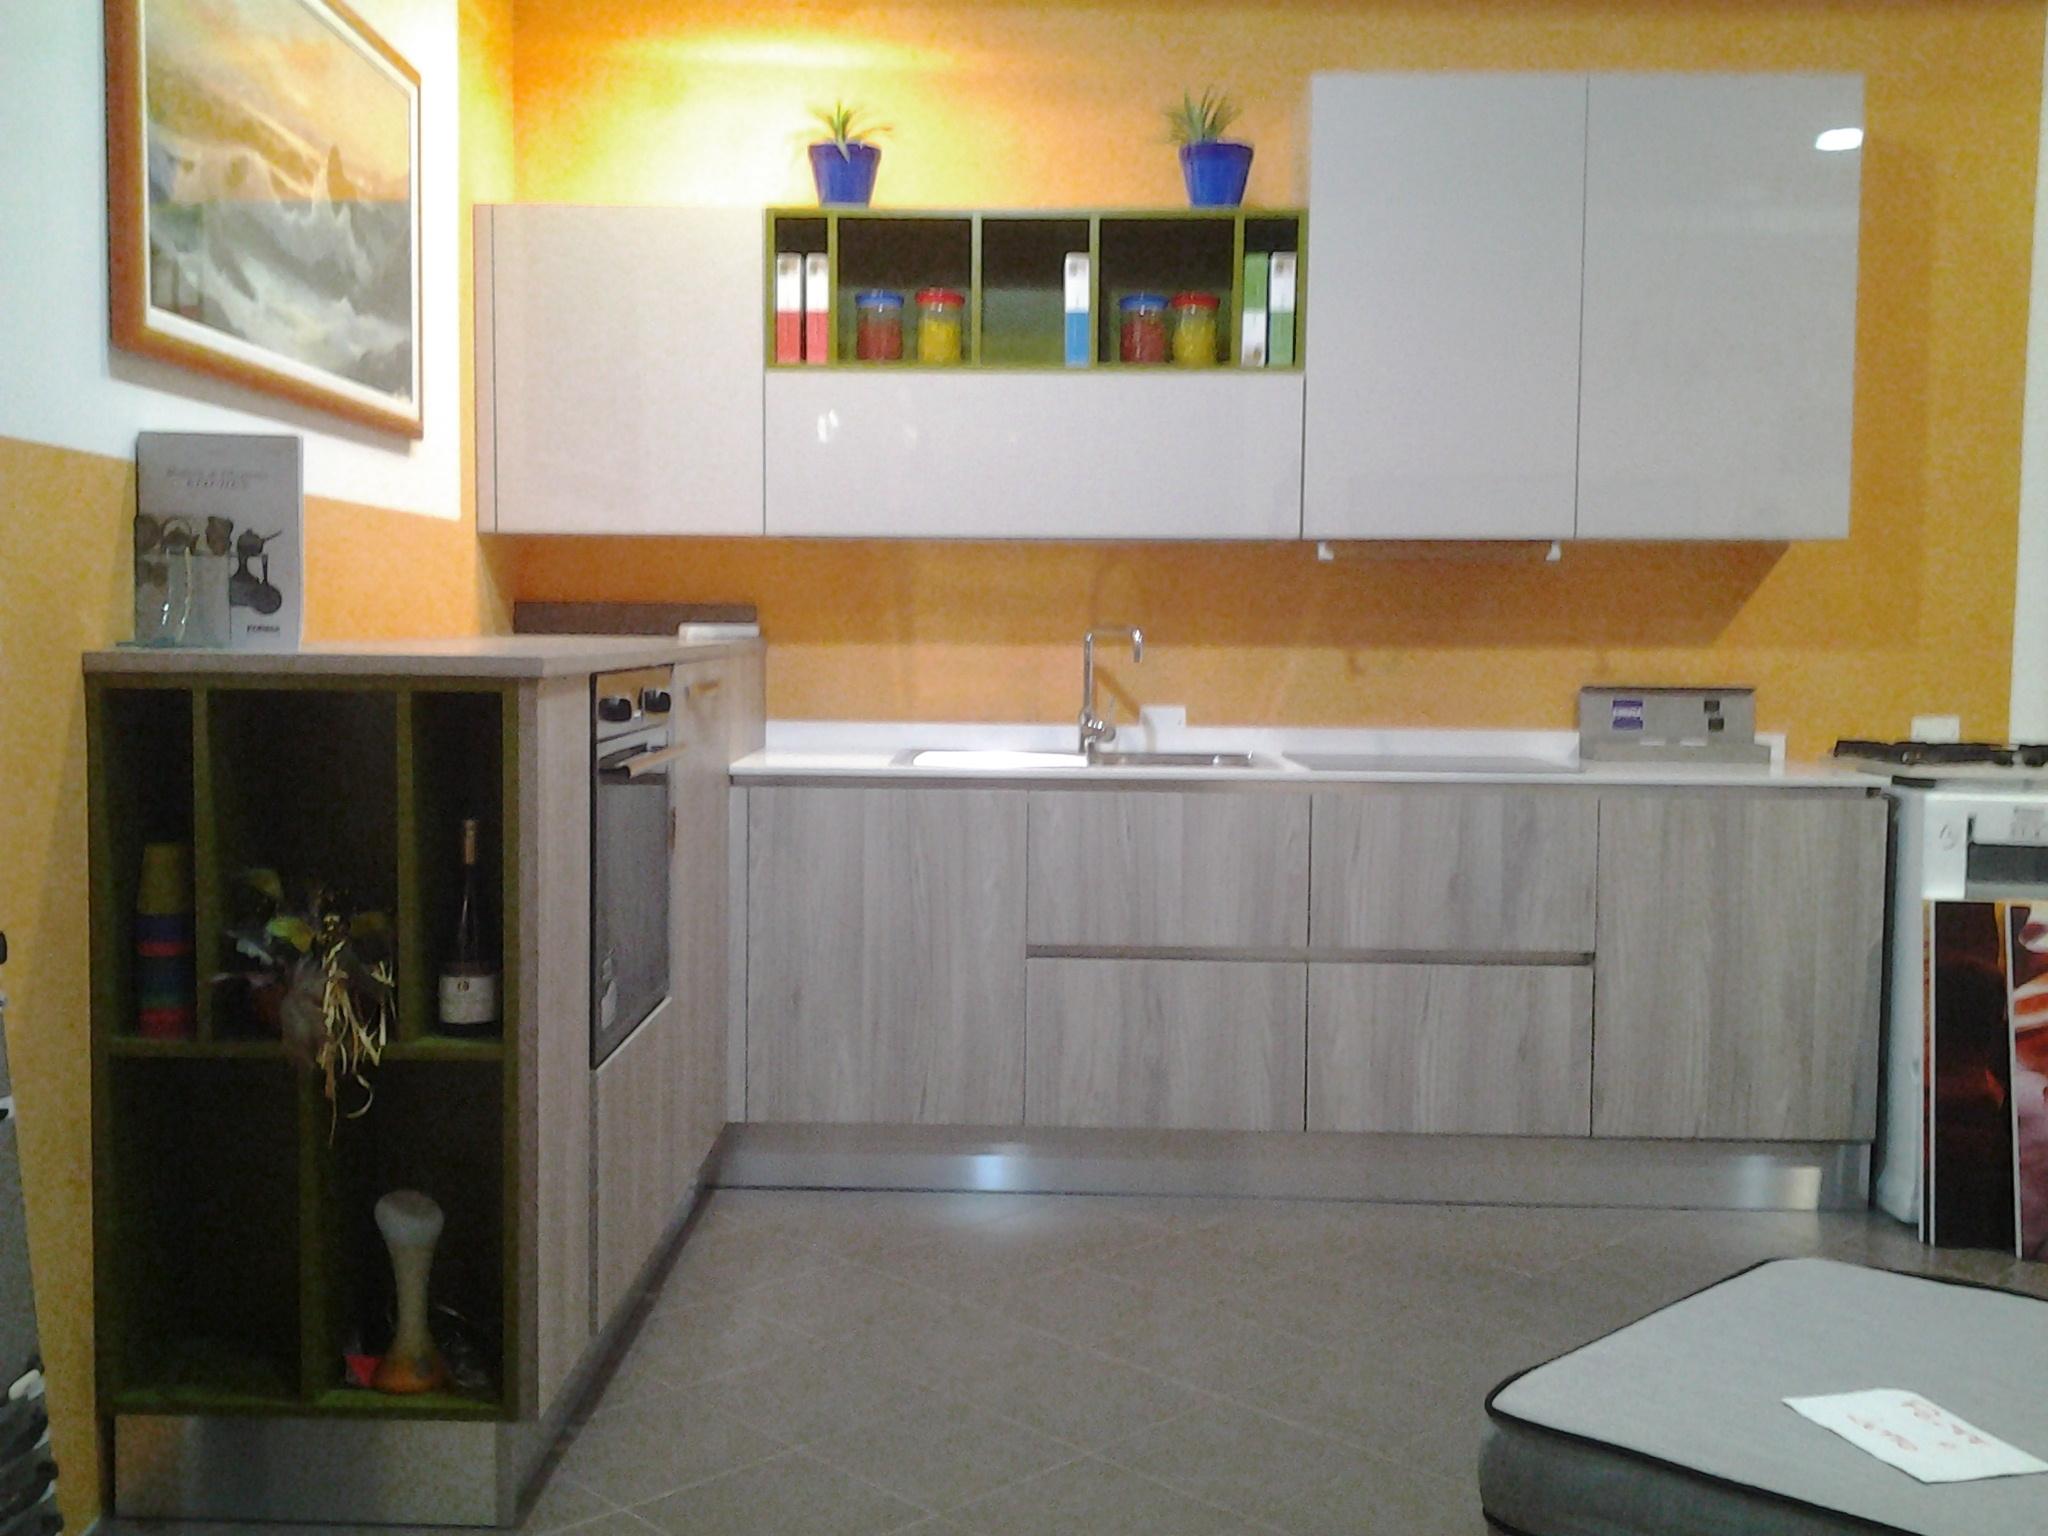 Pedini Cucine Opinioni - Idee Per La Casa - Syafir.com